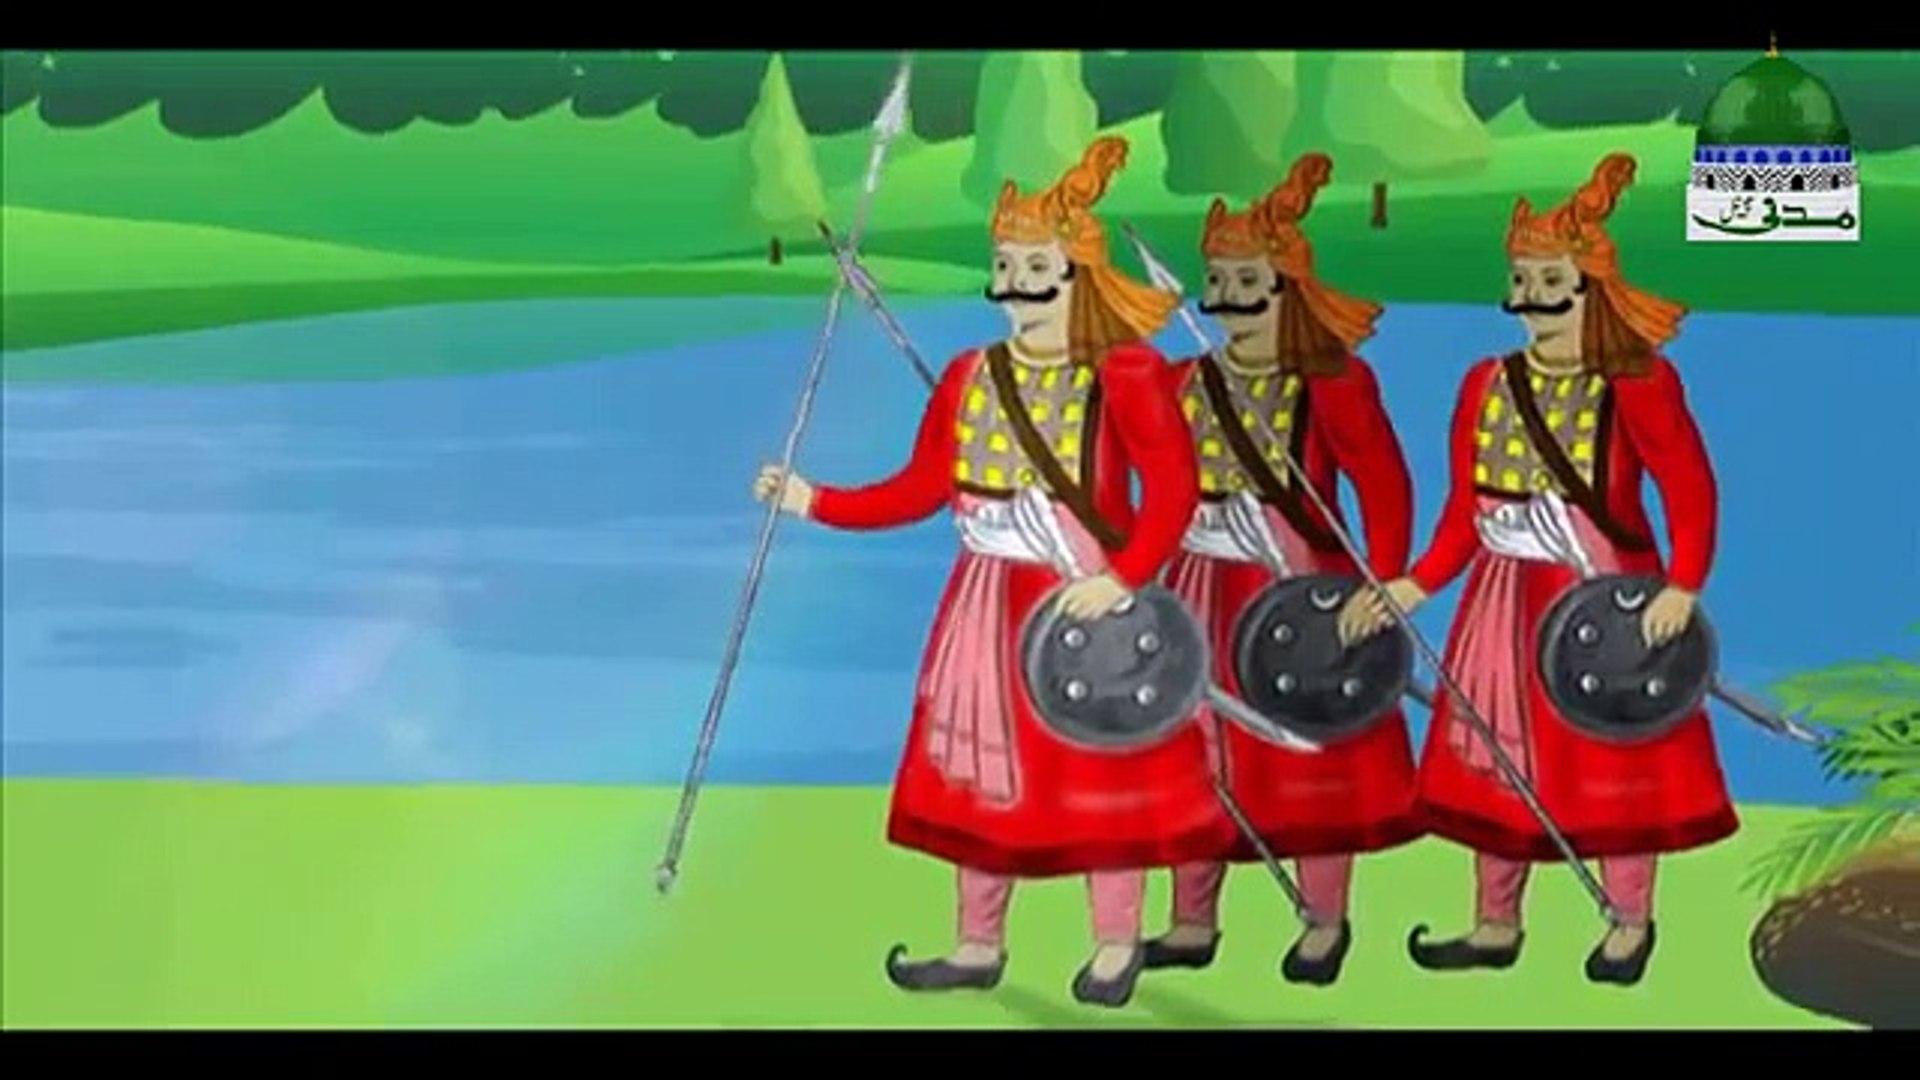 Aik Karamat - Khwaja Ghareeb Nawaz Ki Karamat - Animated Story